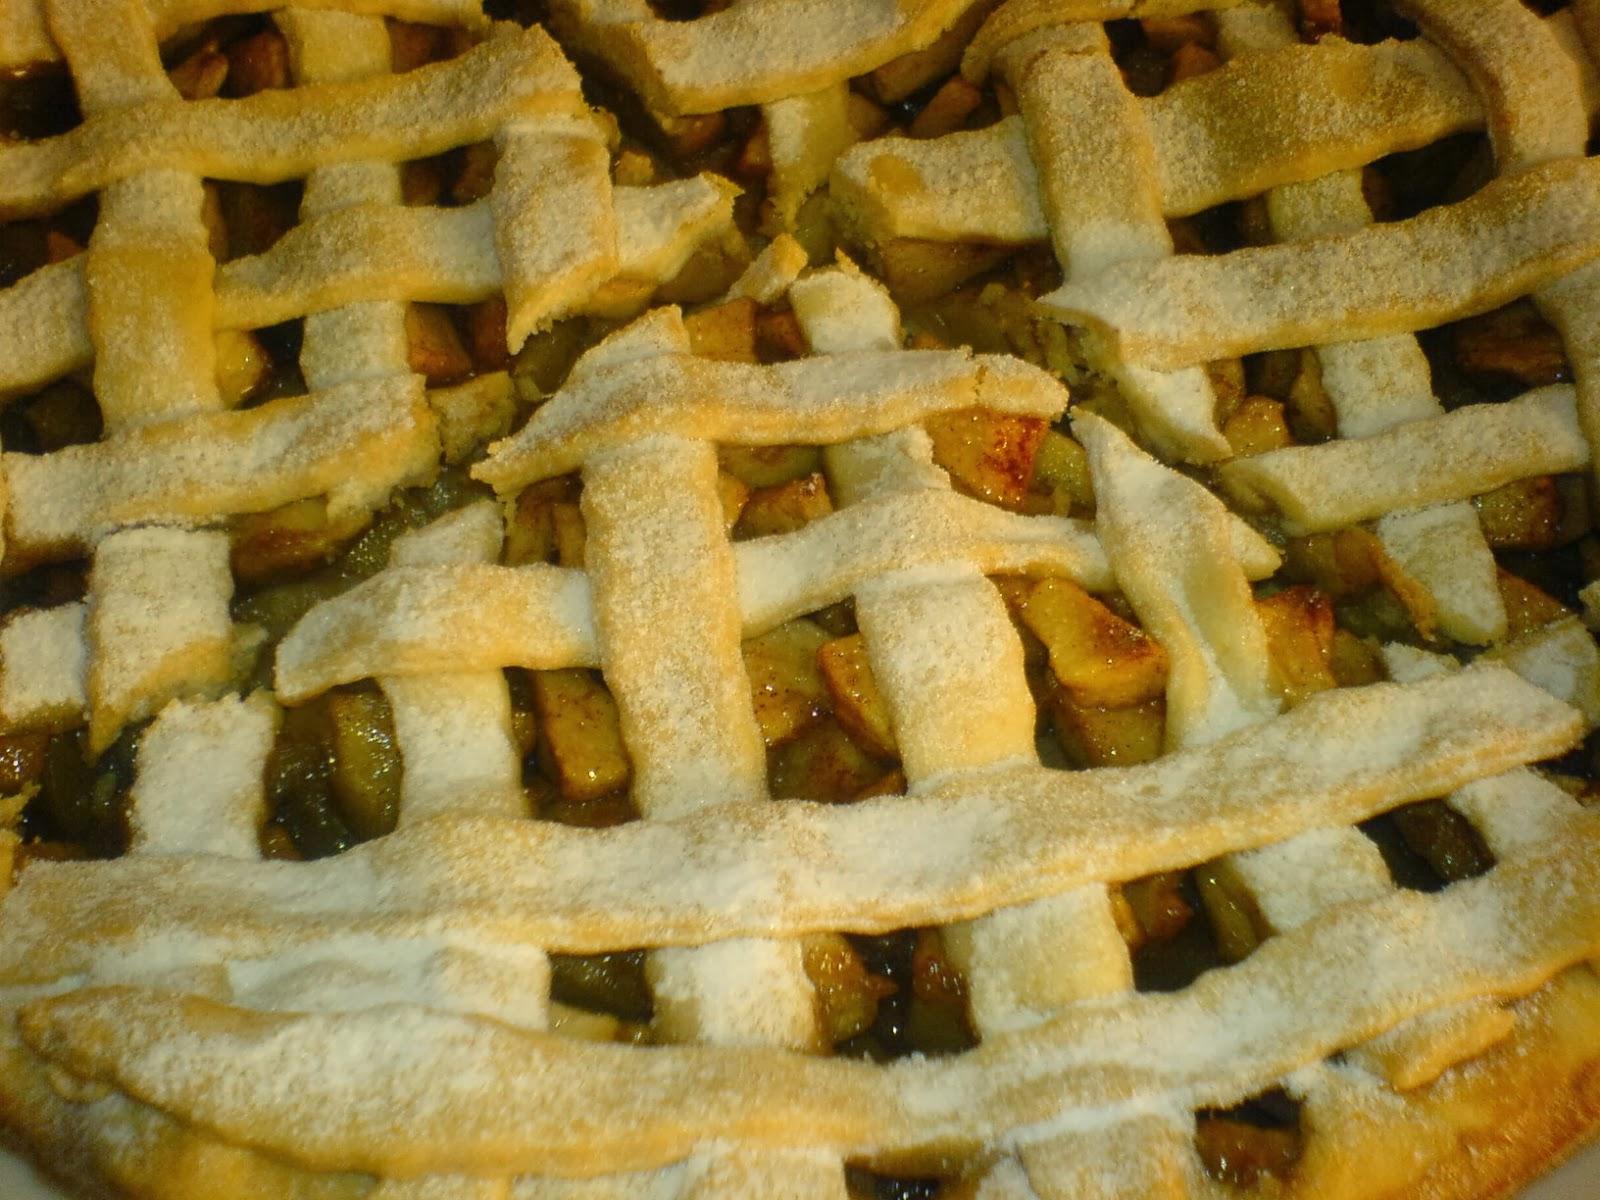 retete culinare, placinta cu mere, aluat de casa, placinta de mere, placinta amerivana, preparate culinare, dulciuri, prajituri, placinta